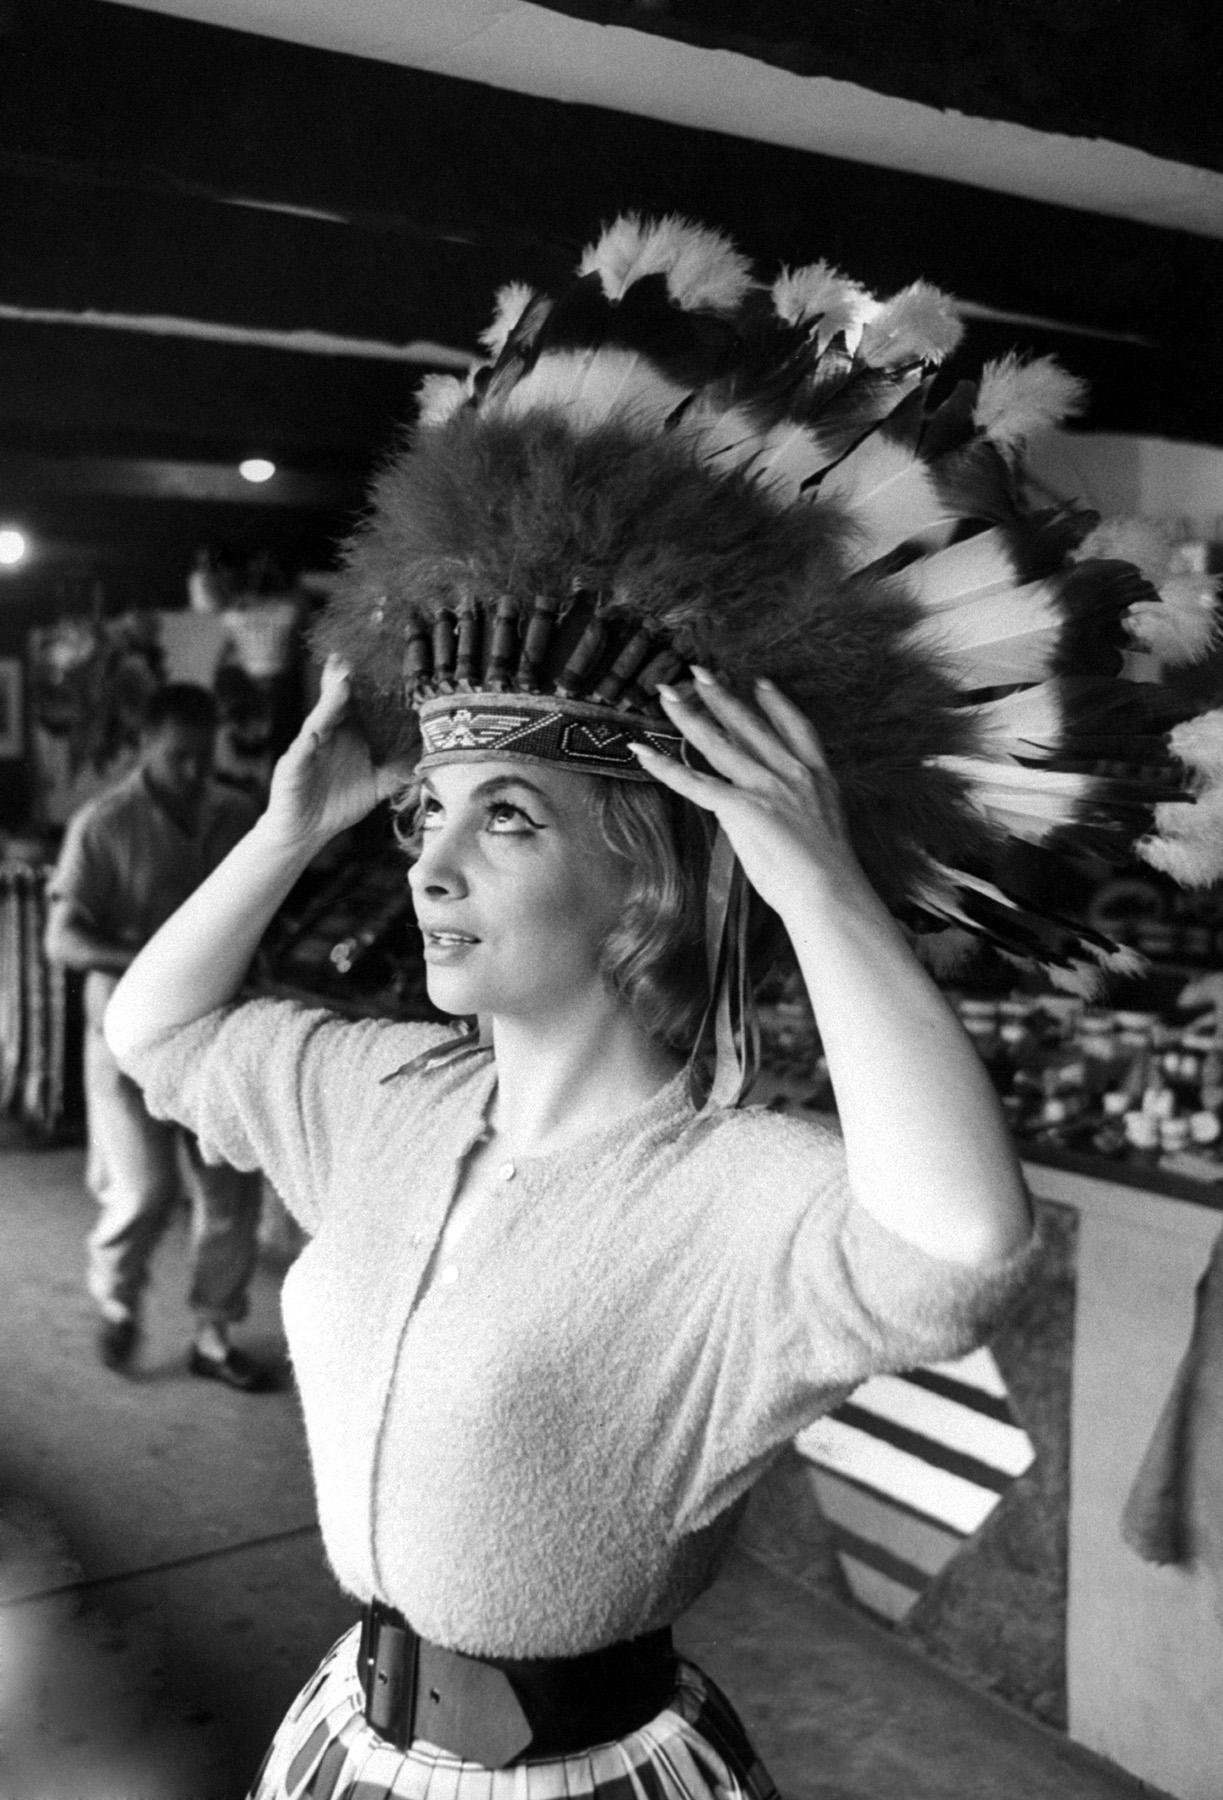 Peter Stackpole, Portrait of Gina Lollobrigida, Toronto, 1960